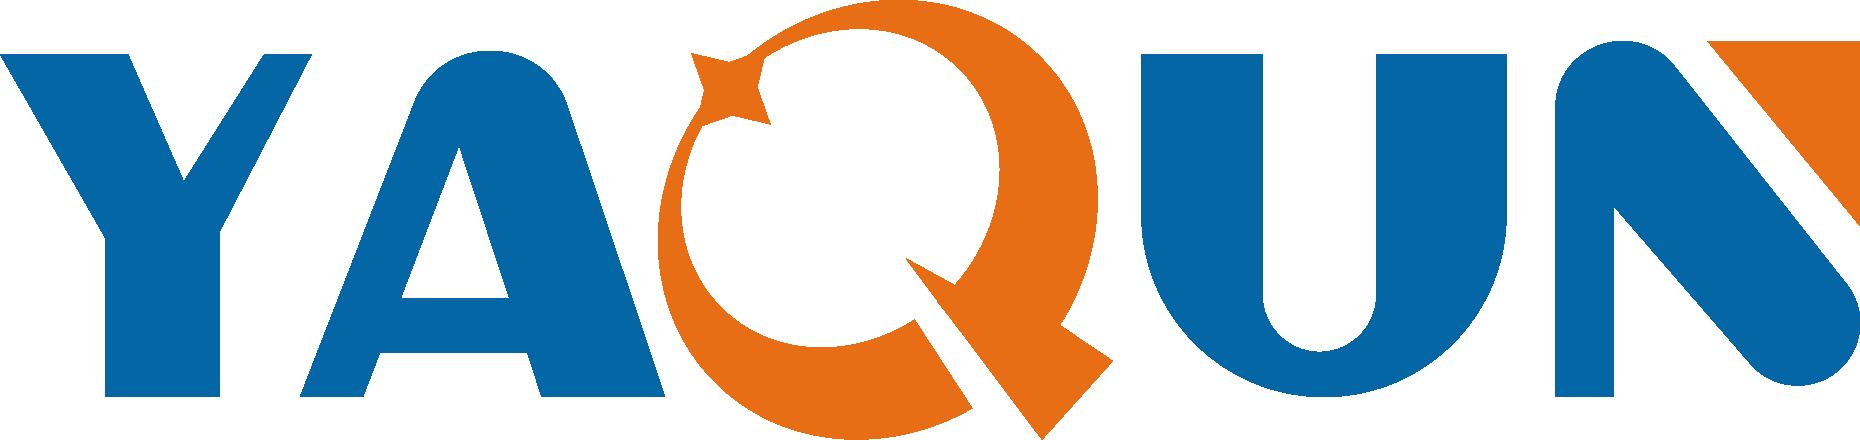 亚群旗下建站品牌